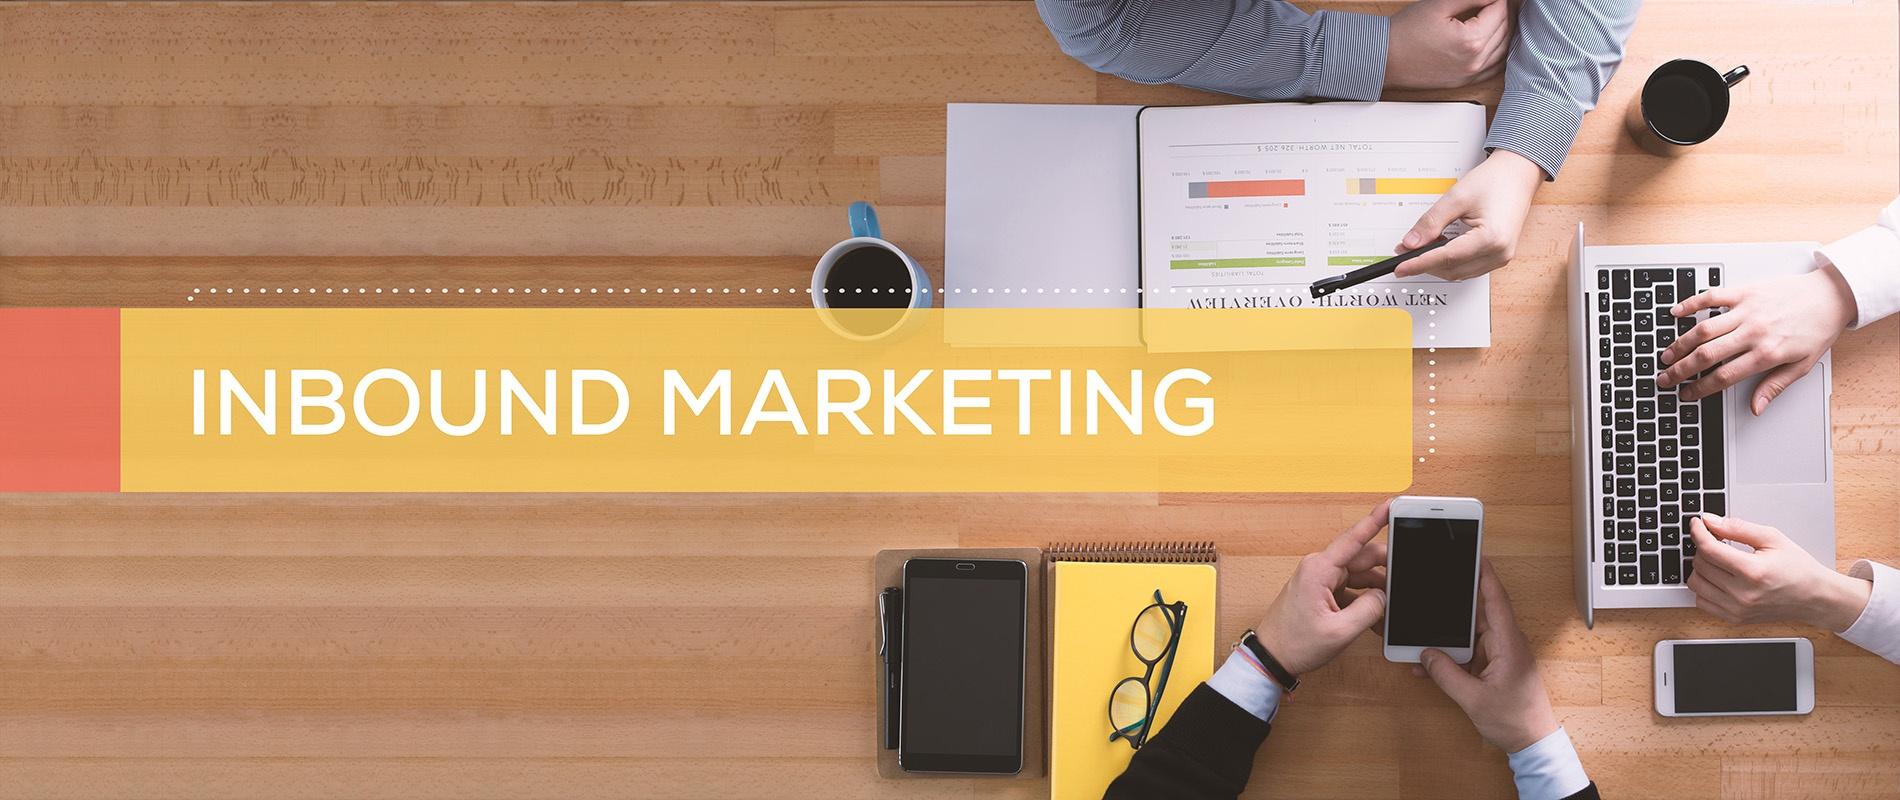 Inbound Marketing ¿Por qué invertir?